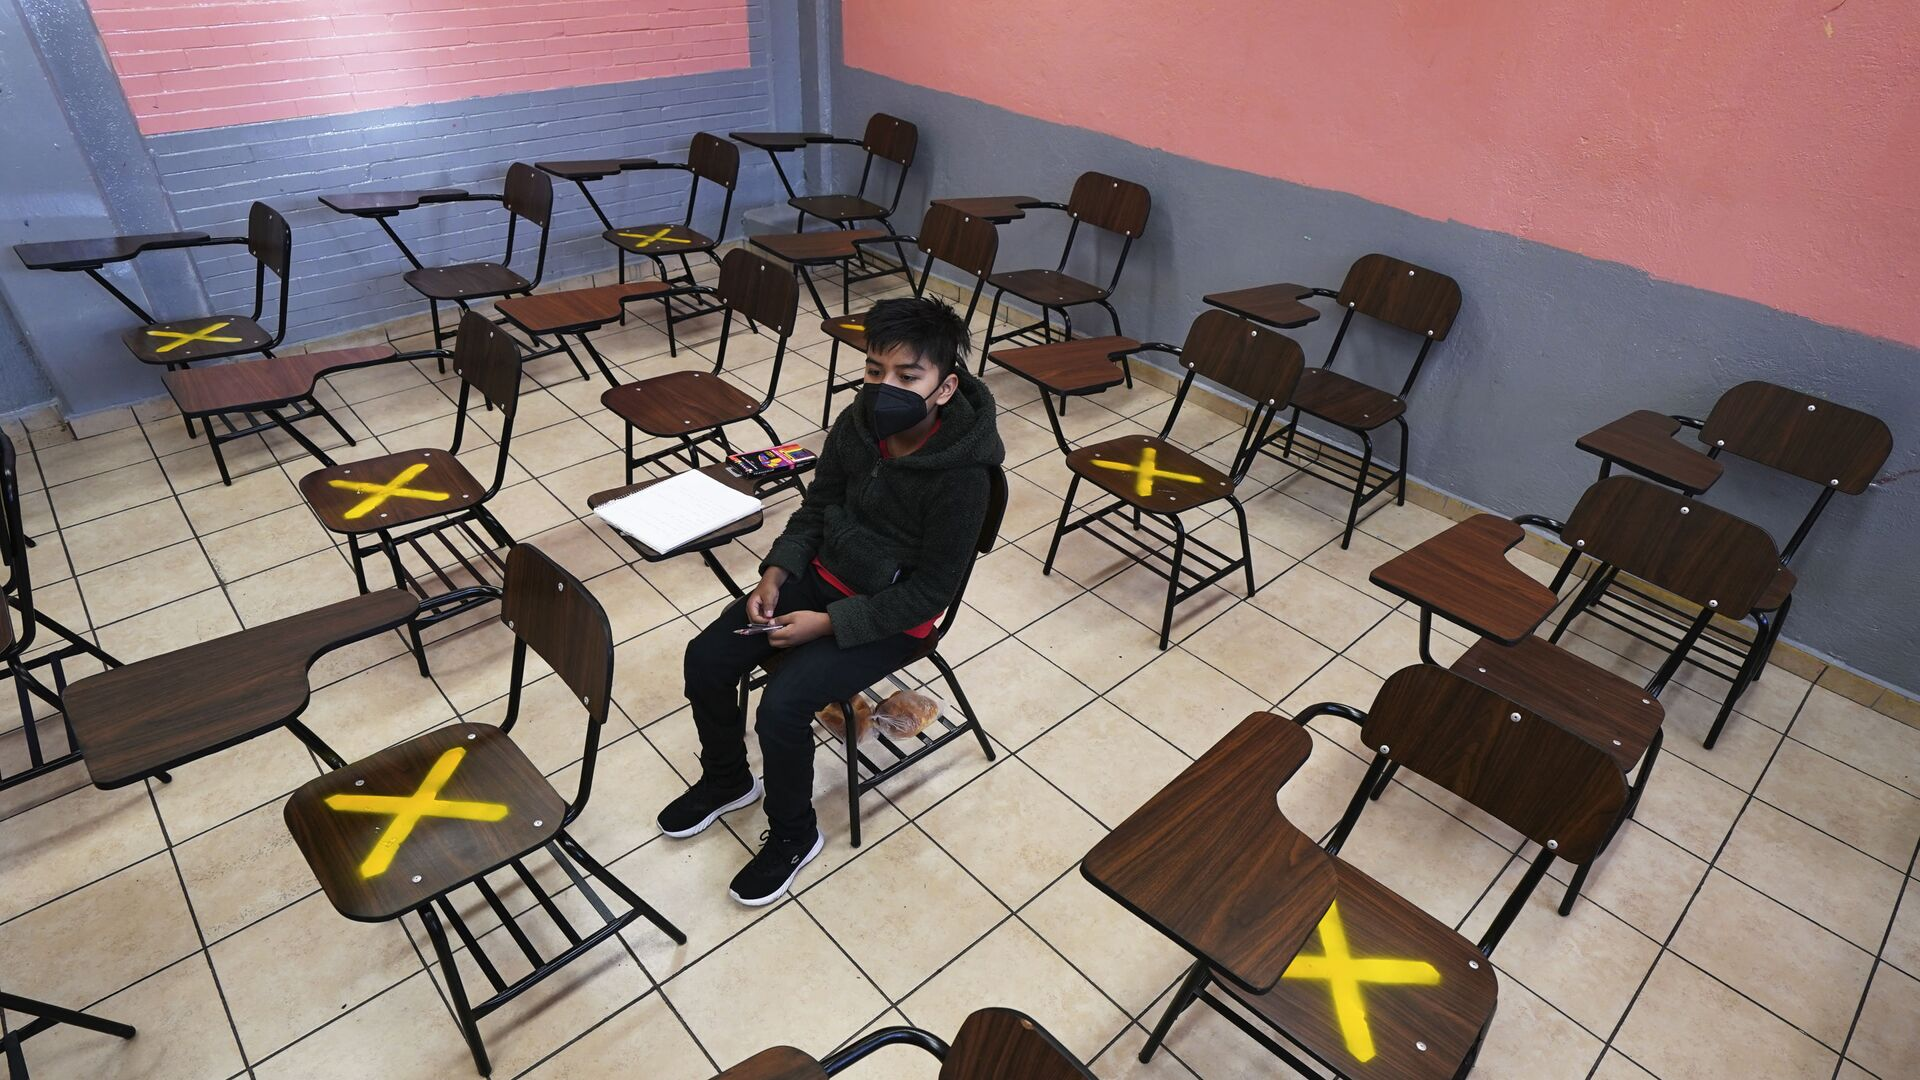 Ученик во время индивидуального занятия в школе в Истакалько, Мексика - Sputnik Азербайджан, 1920, 14.10.2021